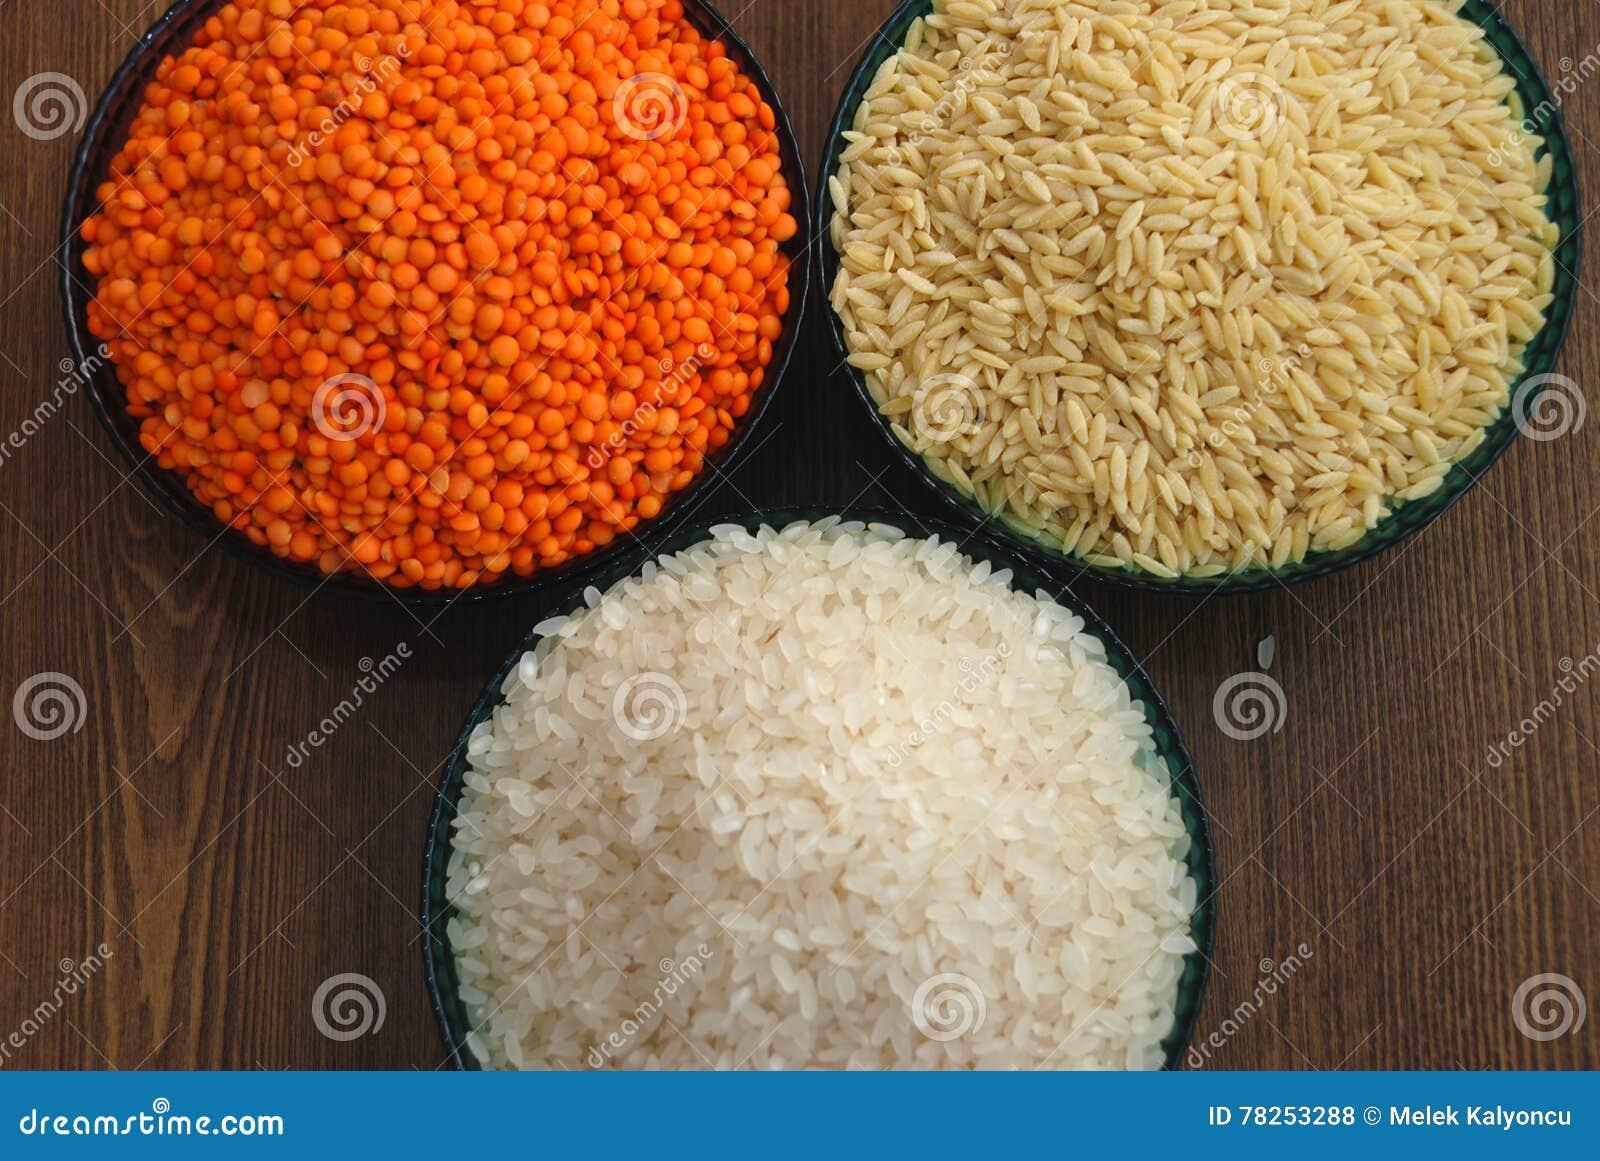 Δημητριακά και όσπρια Ρύζι, φακές, και νουντλς κριθαριού